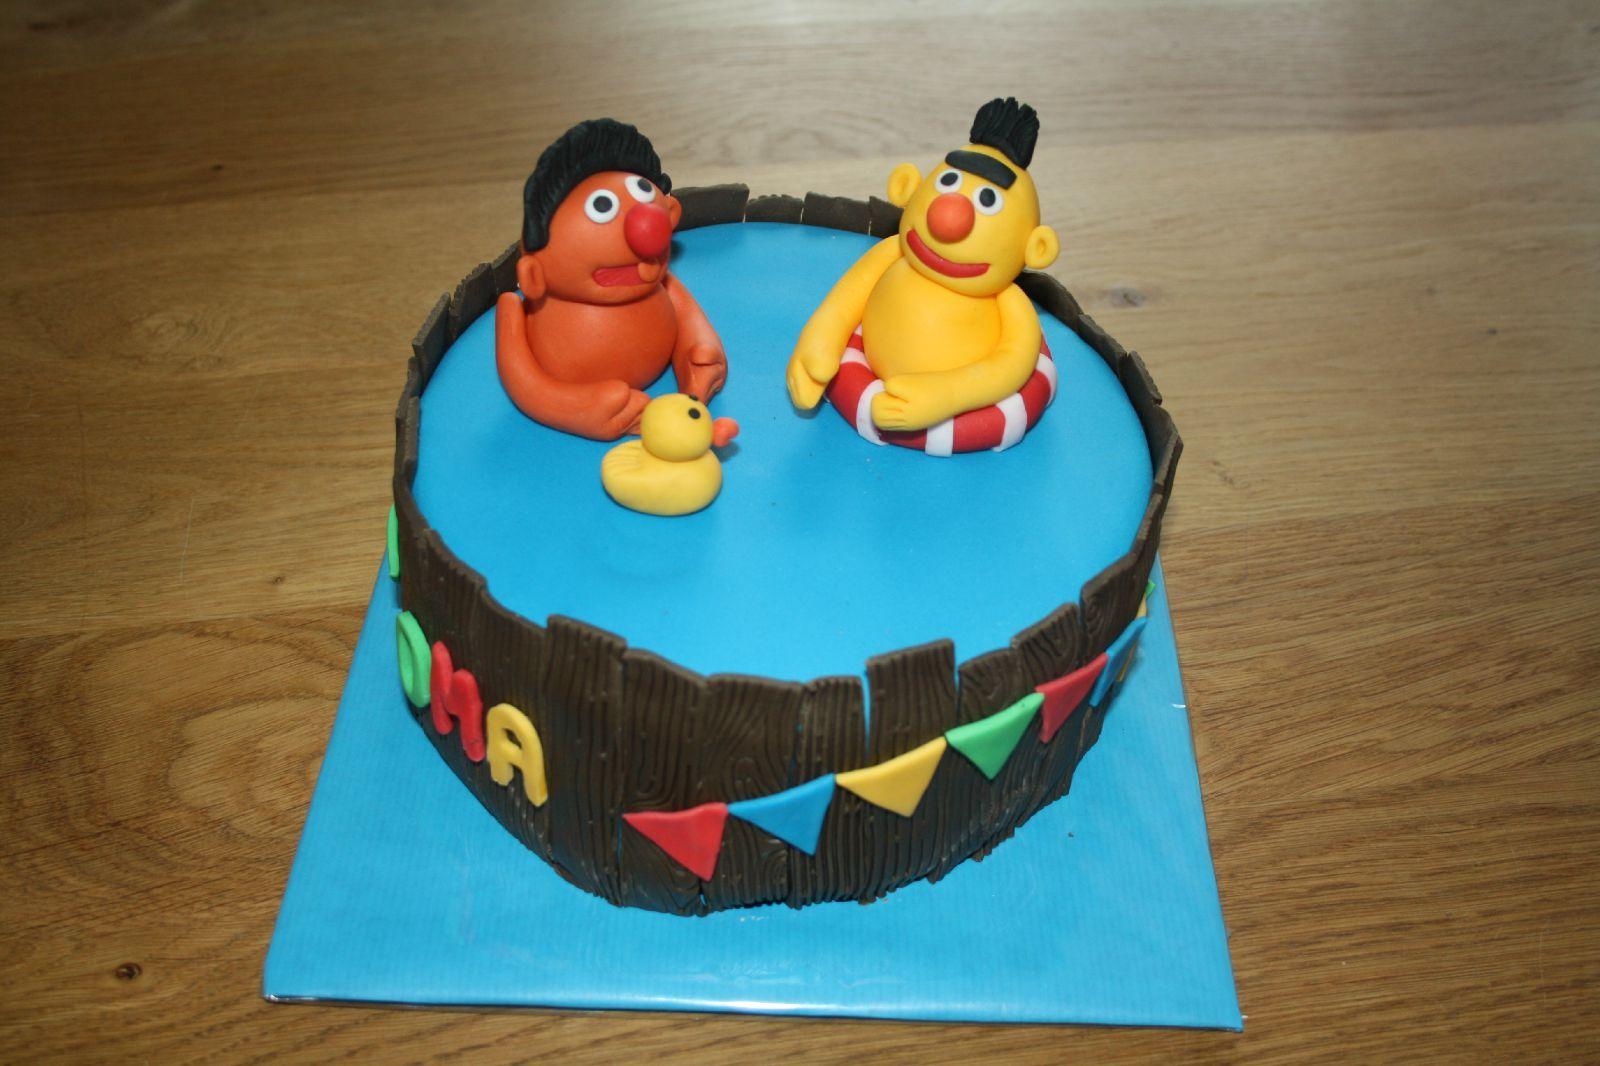 taart bert en ernie Bert en ernie taart | Cake | Pinterest | Cake taart bert en ernie